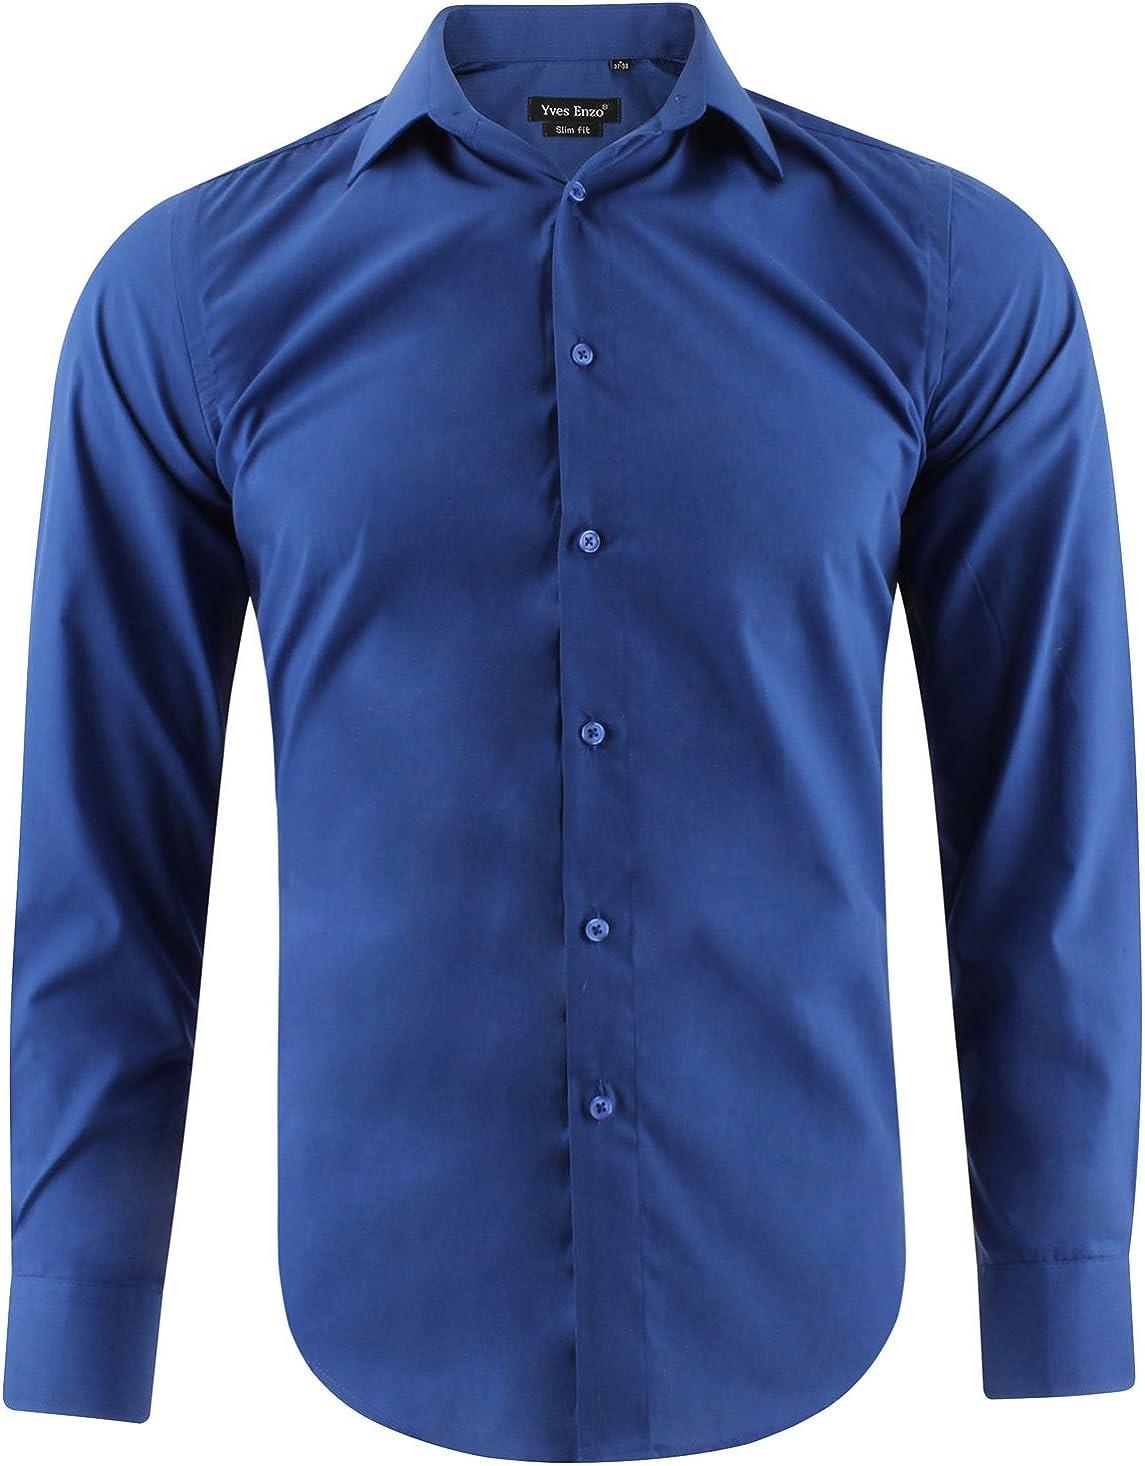 Camisa Slim fit Azul para Hombre con Manga Larga Shirt Talla M: Amazon.es: Ropa y accesorios